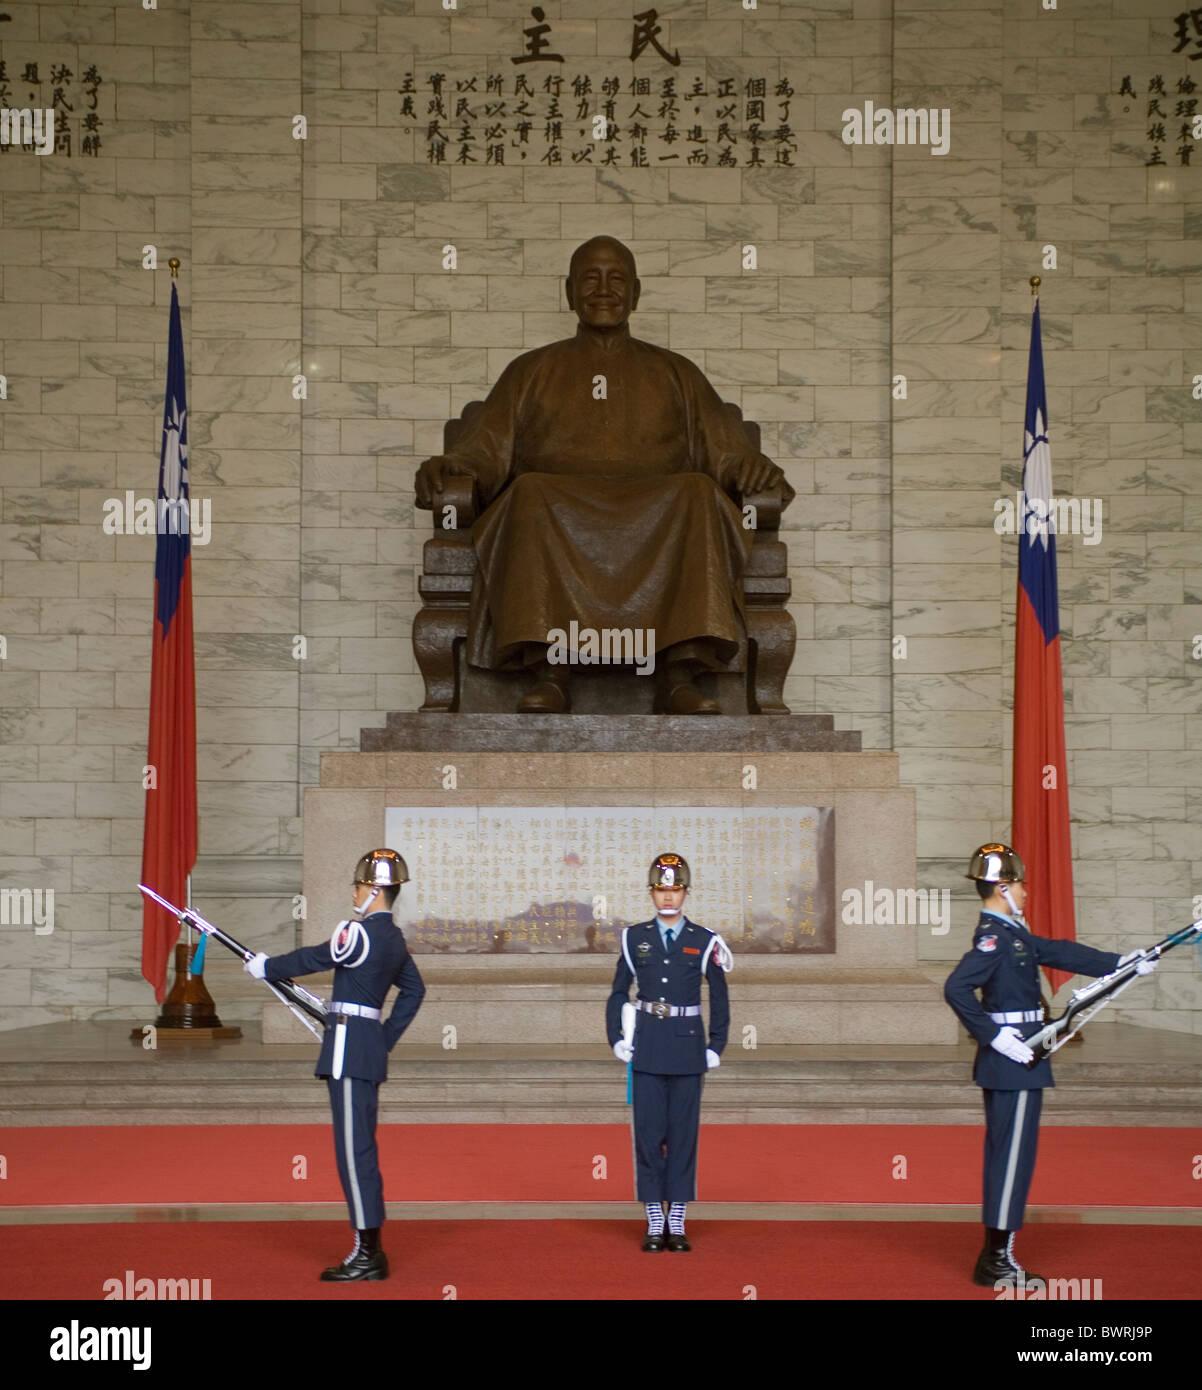 Taipei Taiwán Chiang Kai-Shek memorial, el cambio de guardia Imagen De Stock